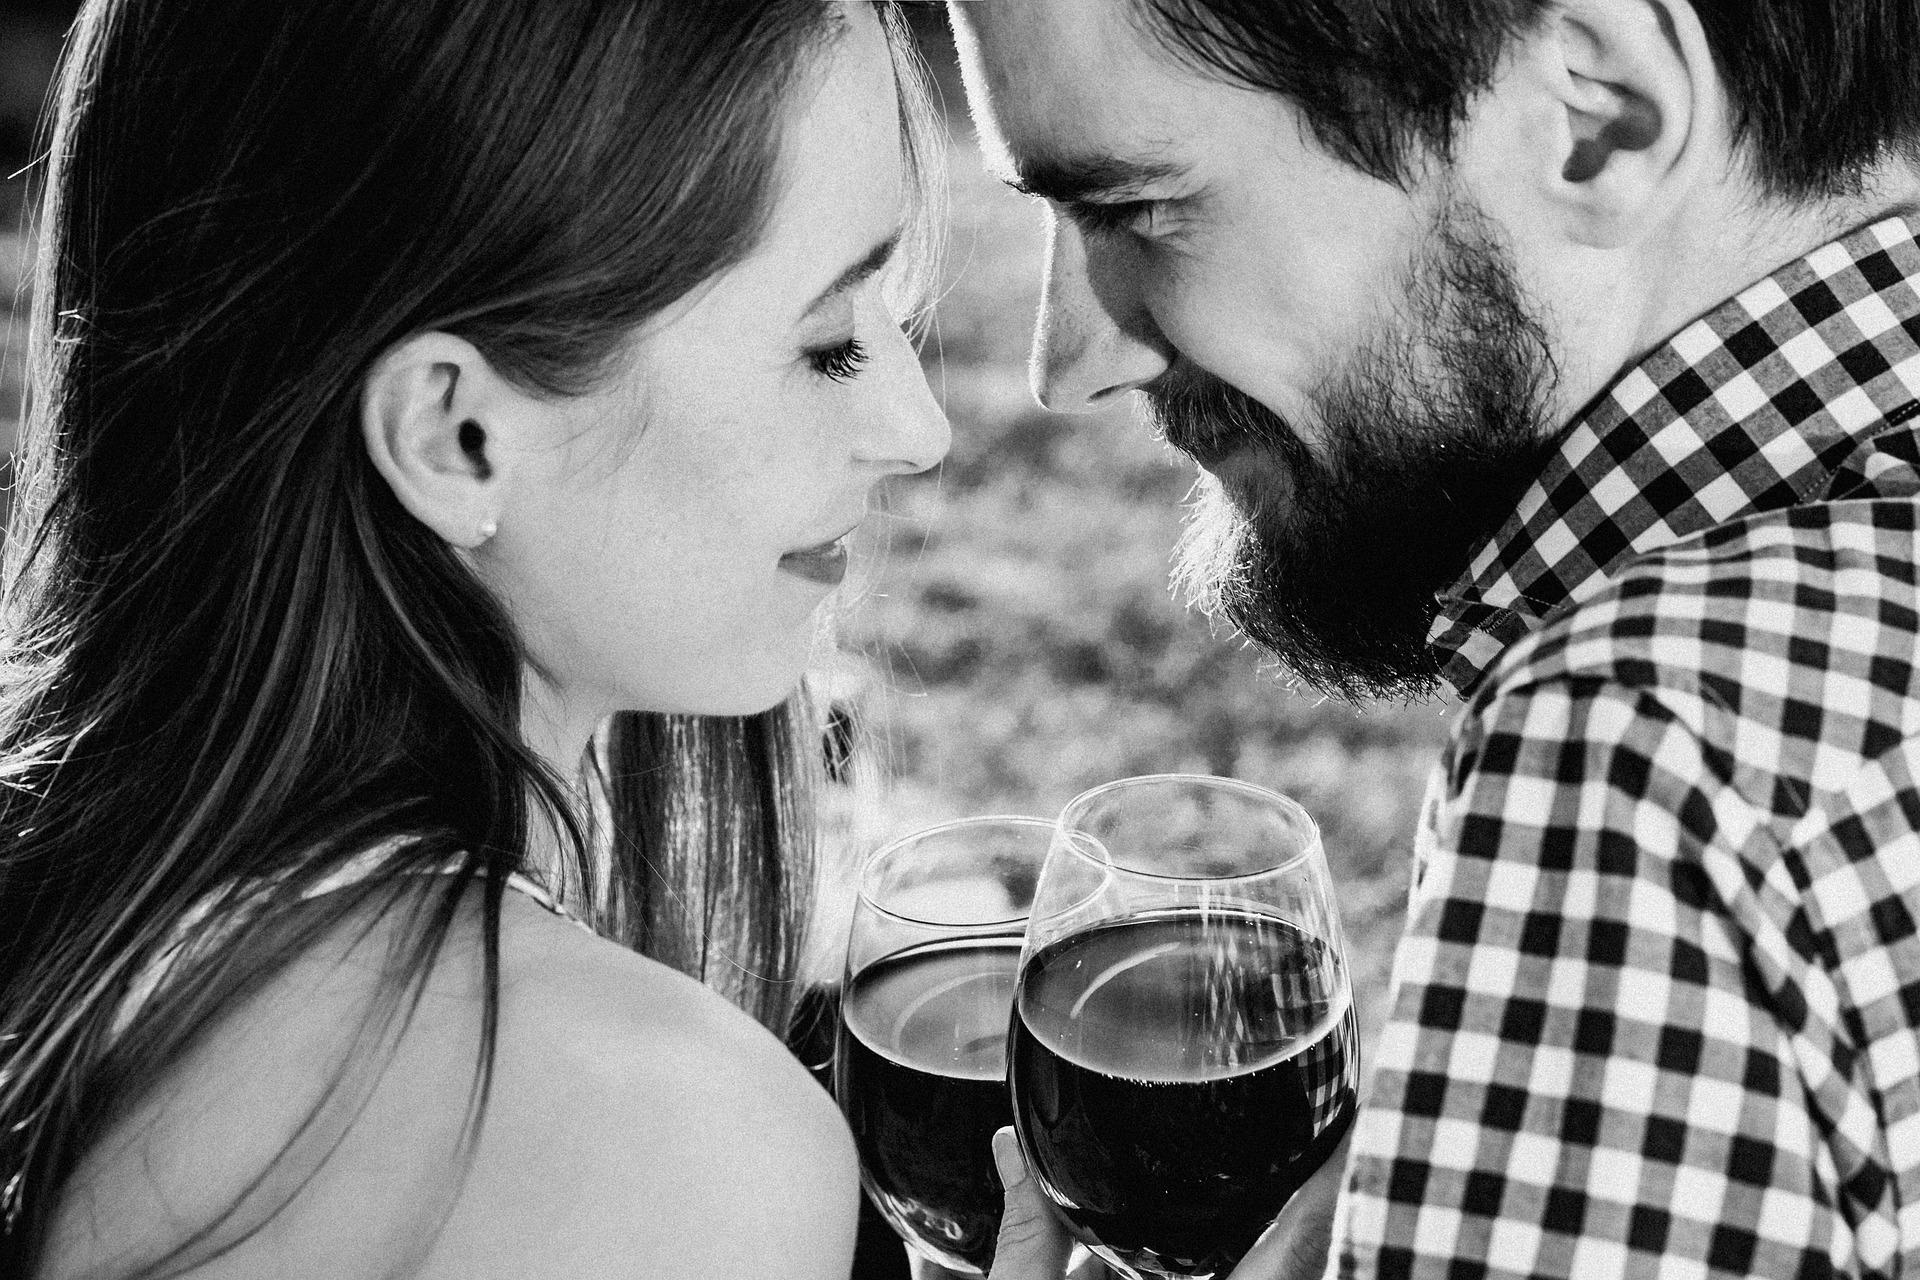 El vino, cada vez menos